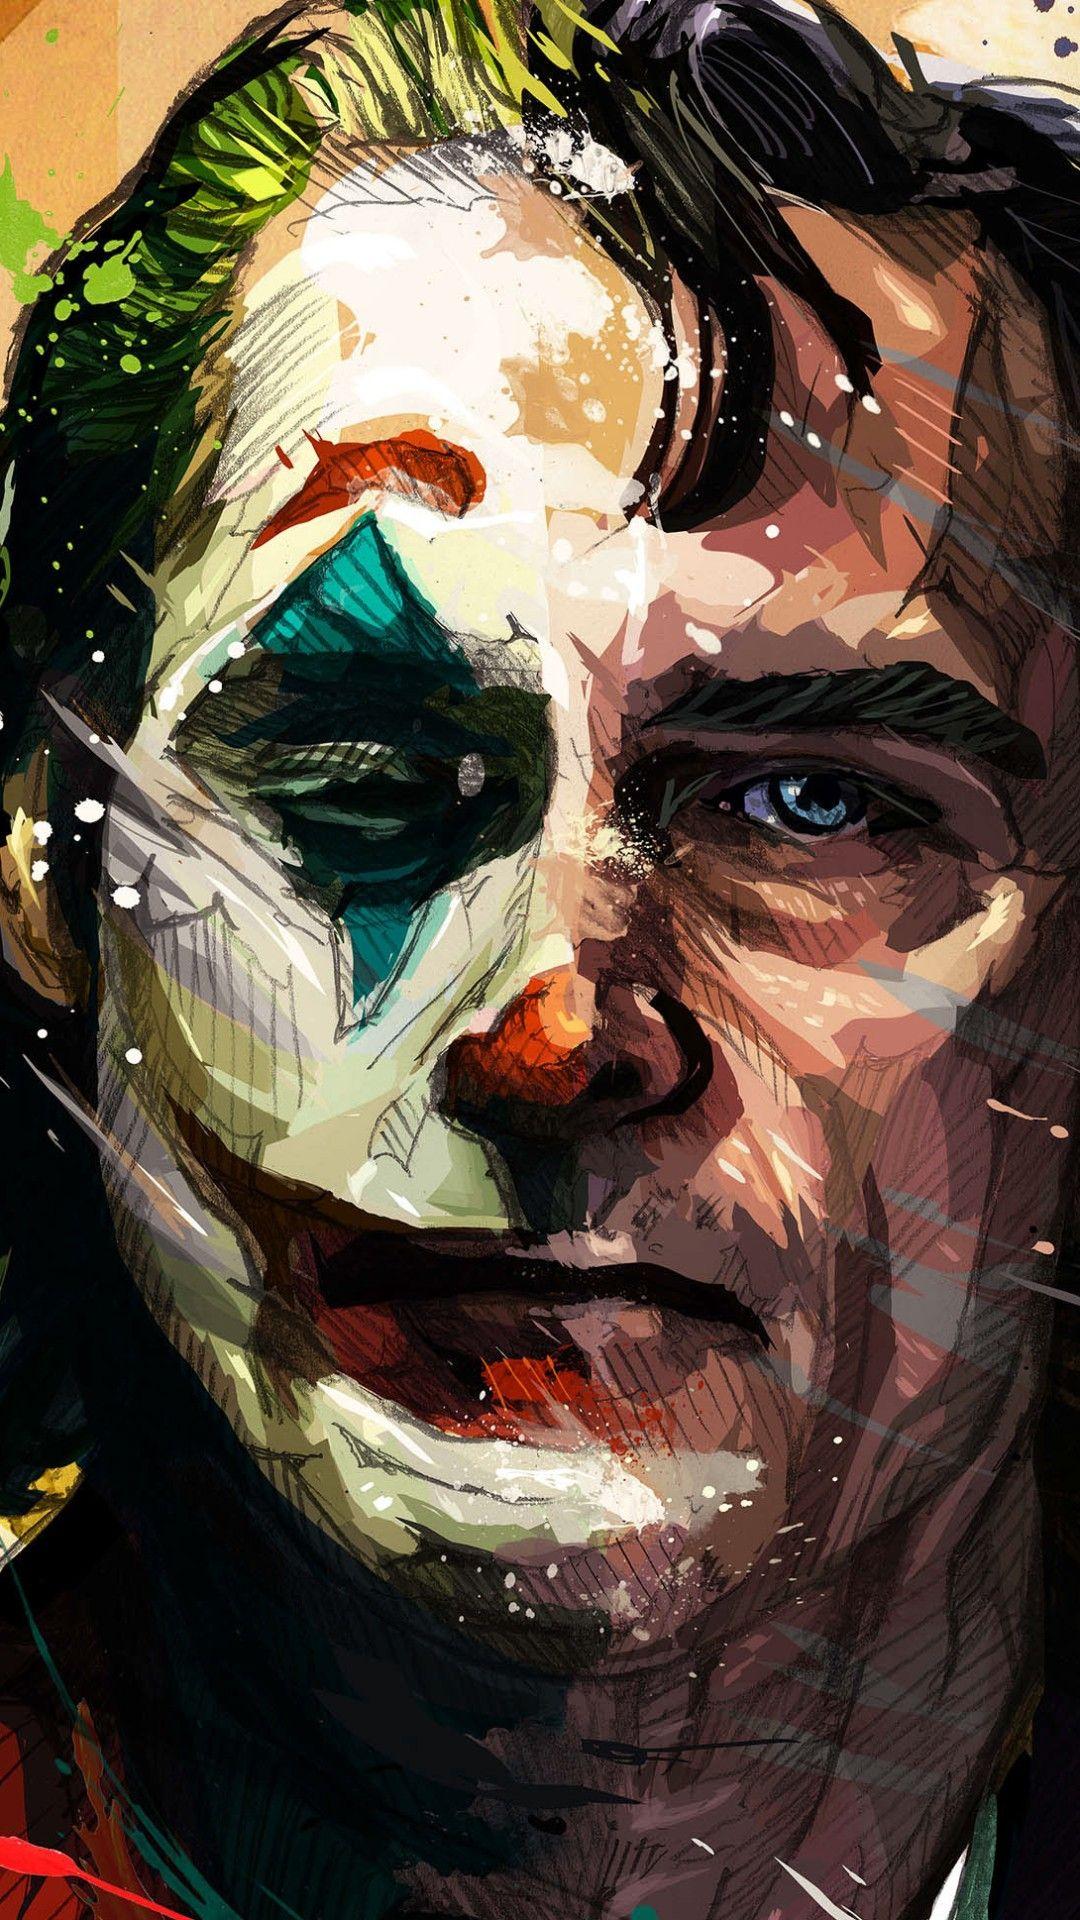 Pin De Dr Zeyh Em Dp Fotos Do Joker Batman E Coringa Arlequina E Coringa Desenho